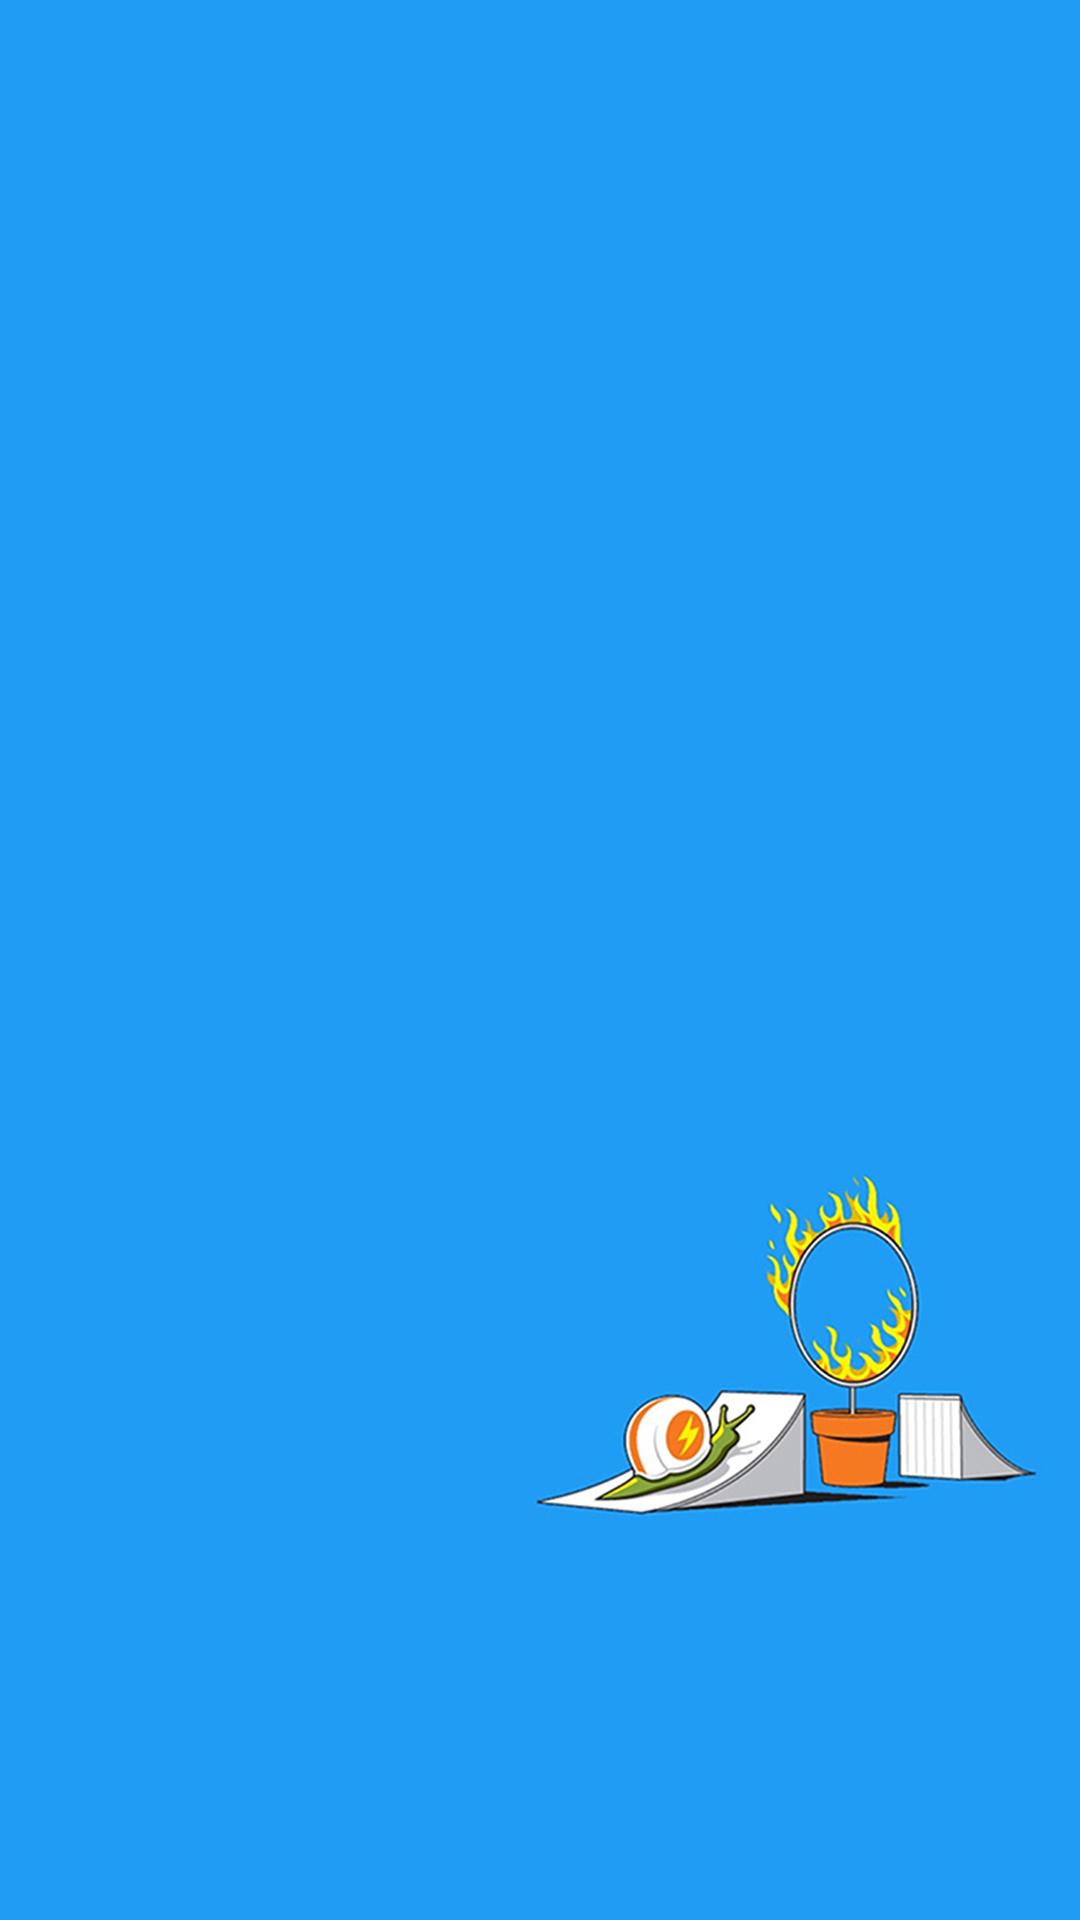 UFO 手绘 外星人 英文 苹果手机高清壁纸 1080x1920 爱思助手